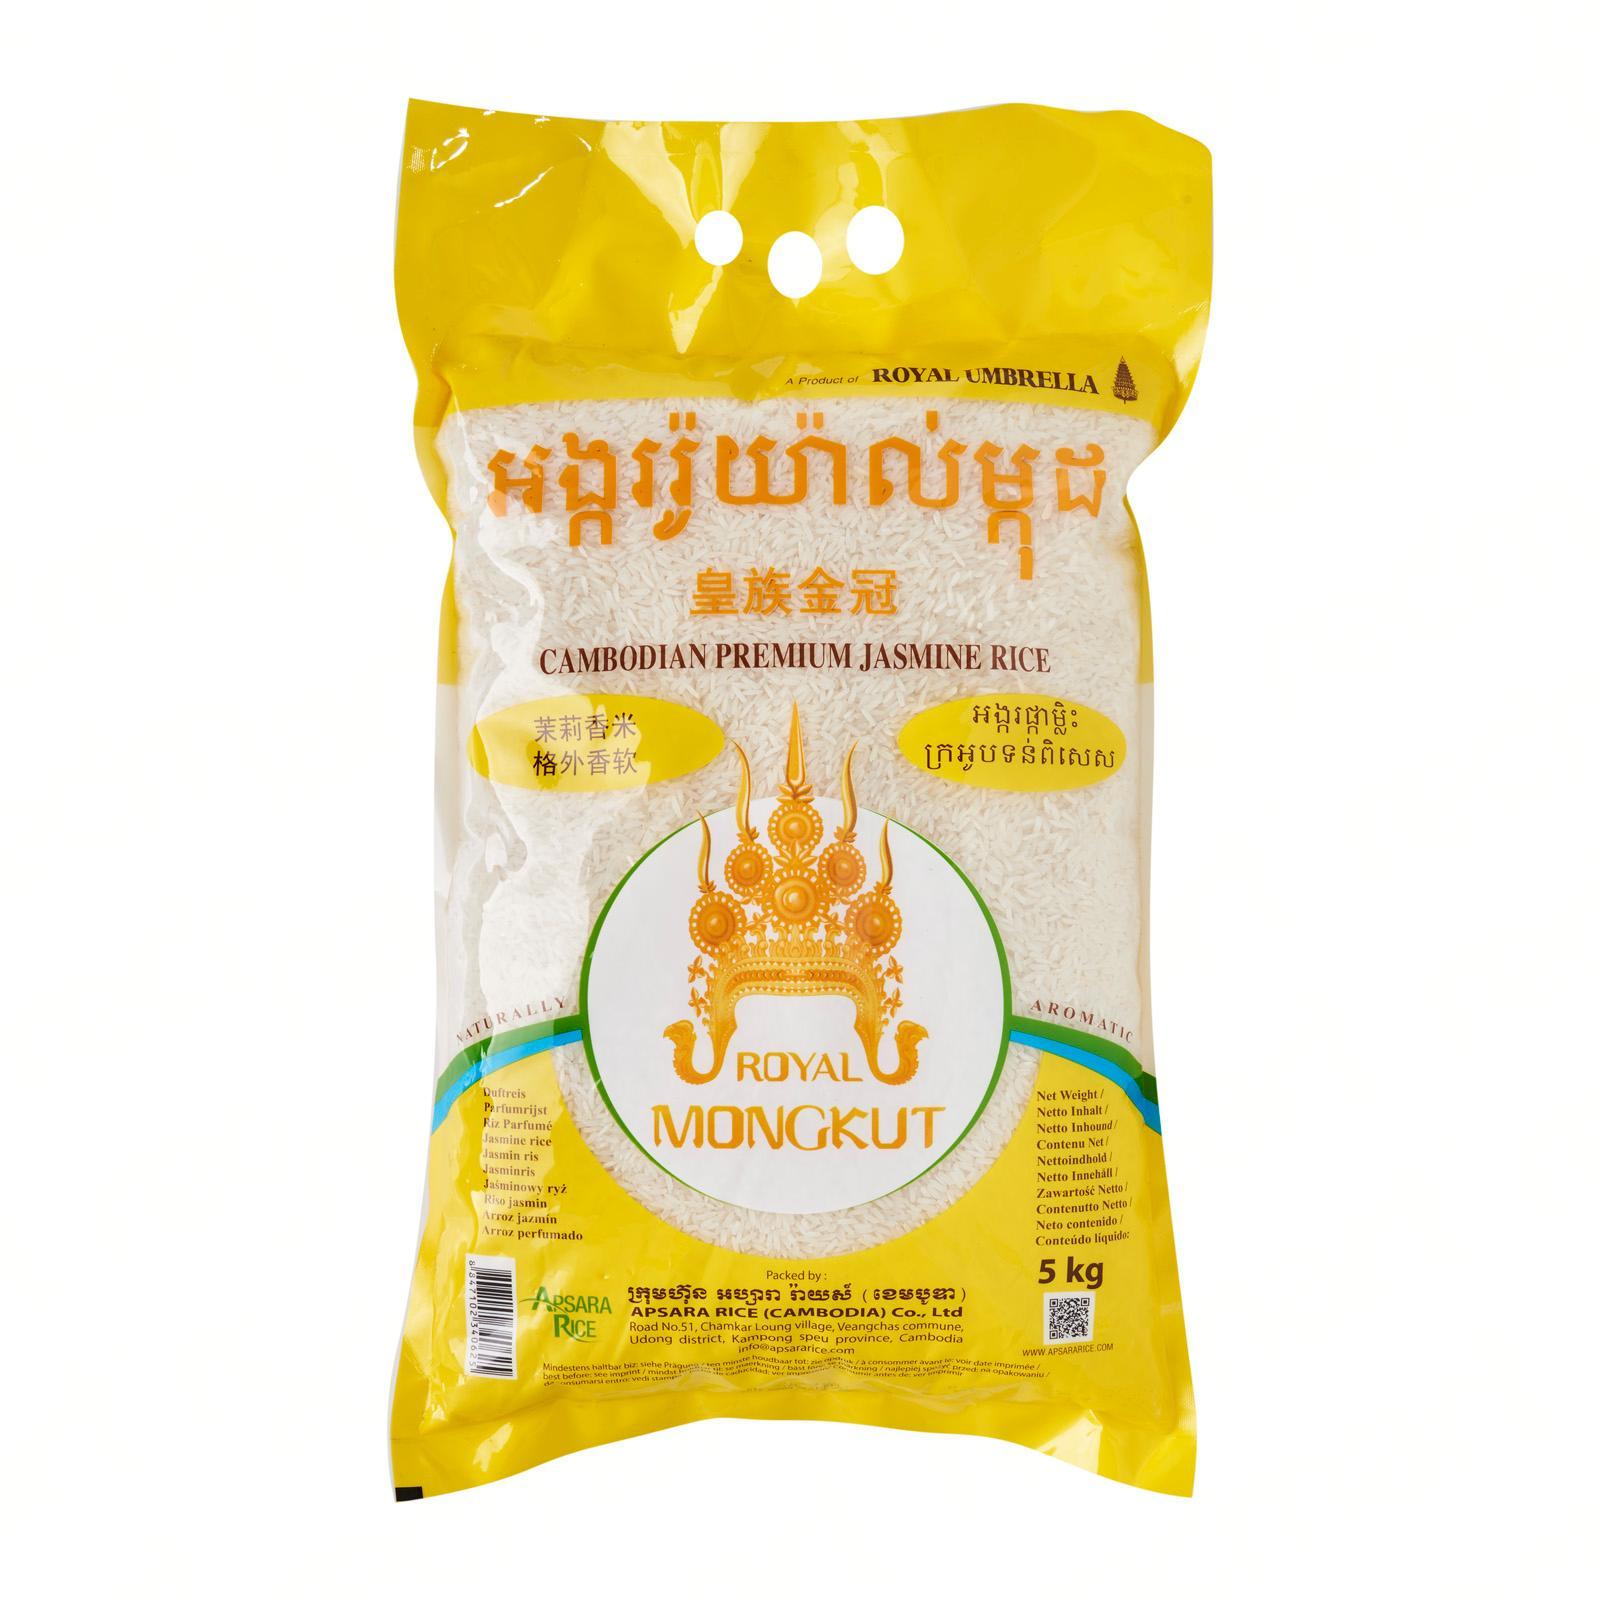 Royal Mongkut Cambodia Premium Jasmine Rice